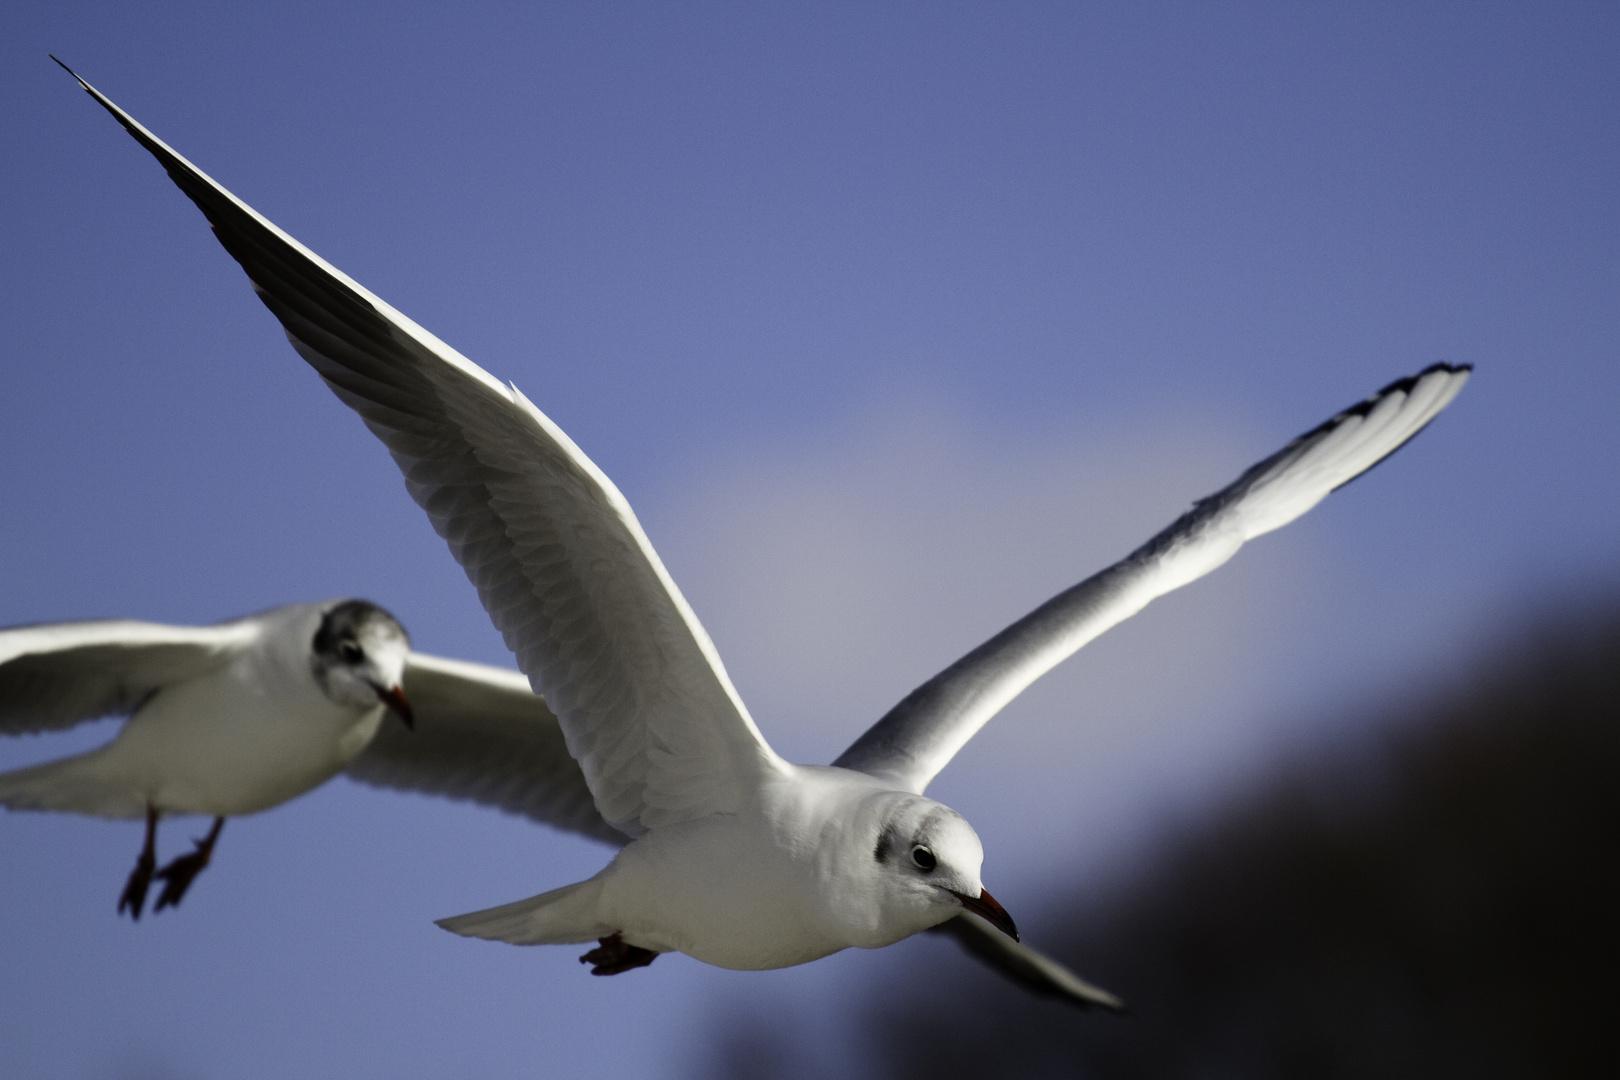 Fliegens als Teil der großen Freiheit